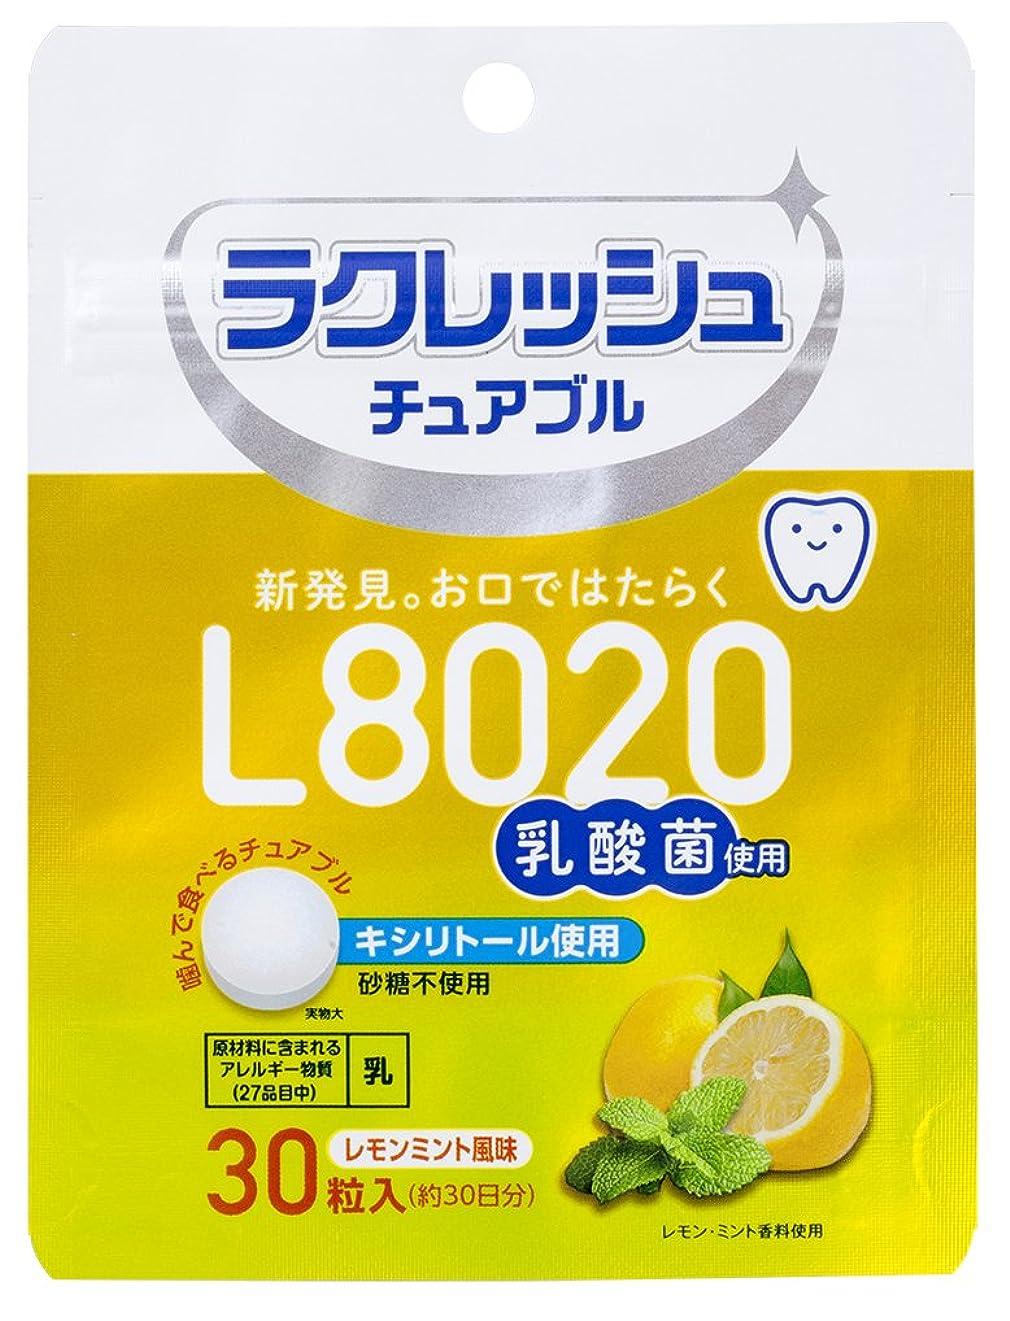 痛み雨の歯痛ラクレッシュ L8020 乳酸菌 チュアブル レモンミント風味 オーラルケア 30粒入